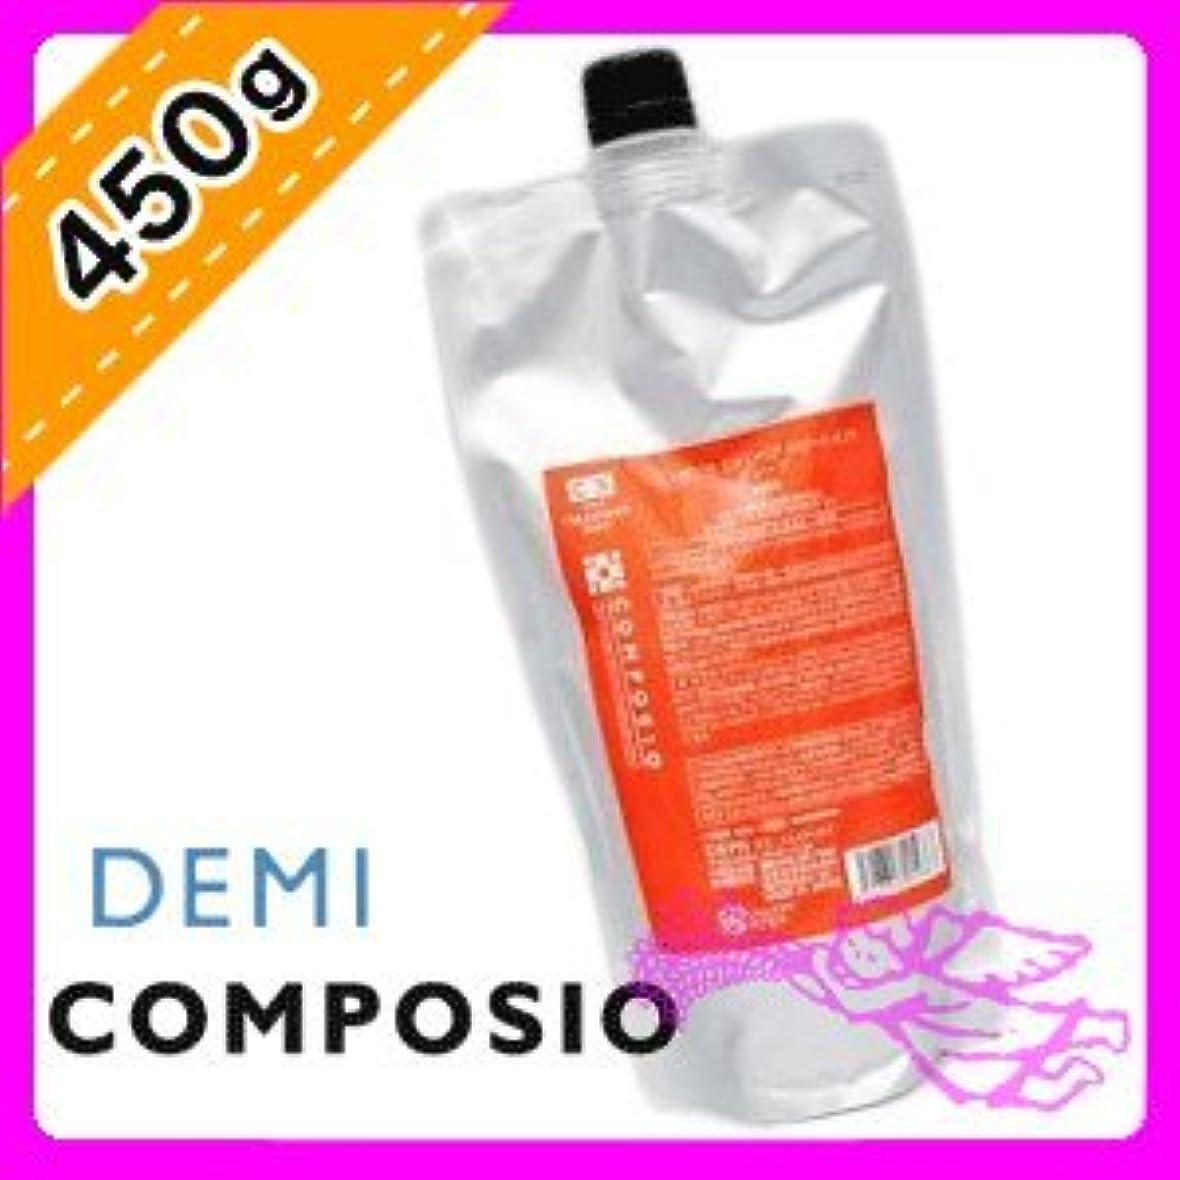 の頭の上動物免除するデミ コンポジオ CXリペアトリートメント ディープ 450g 詰め替え用 DEMI COMPOSIO